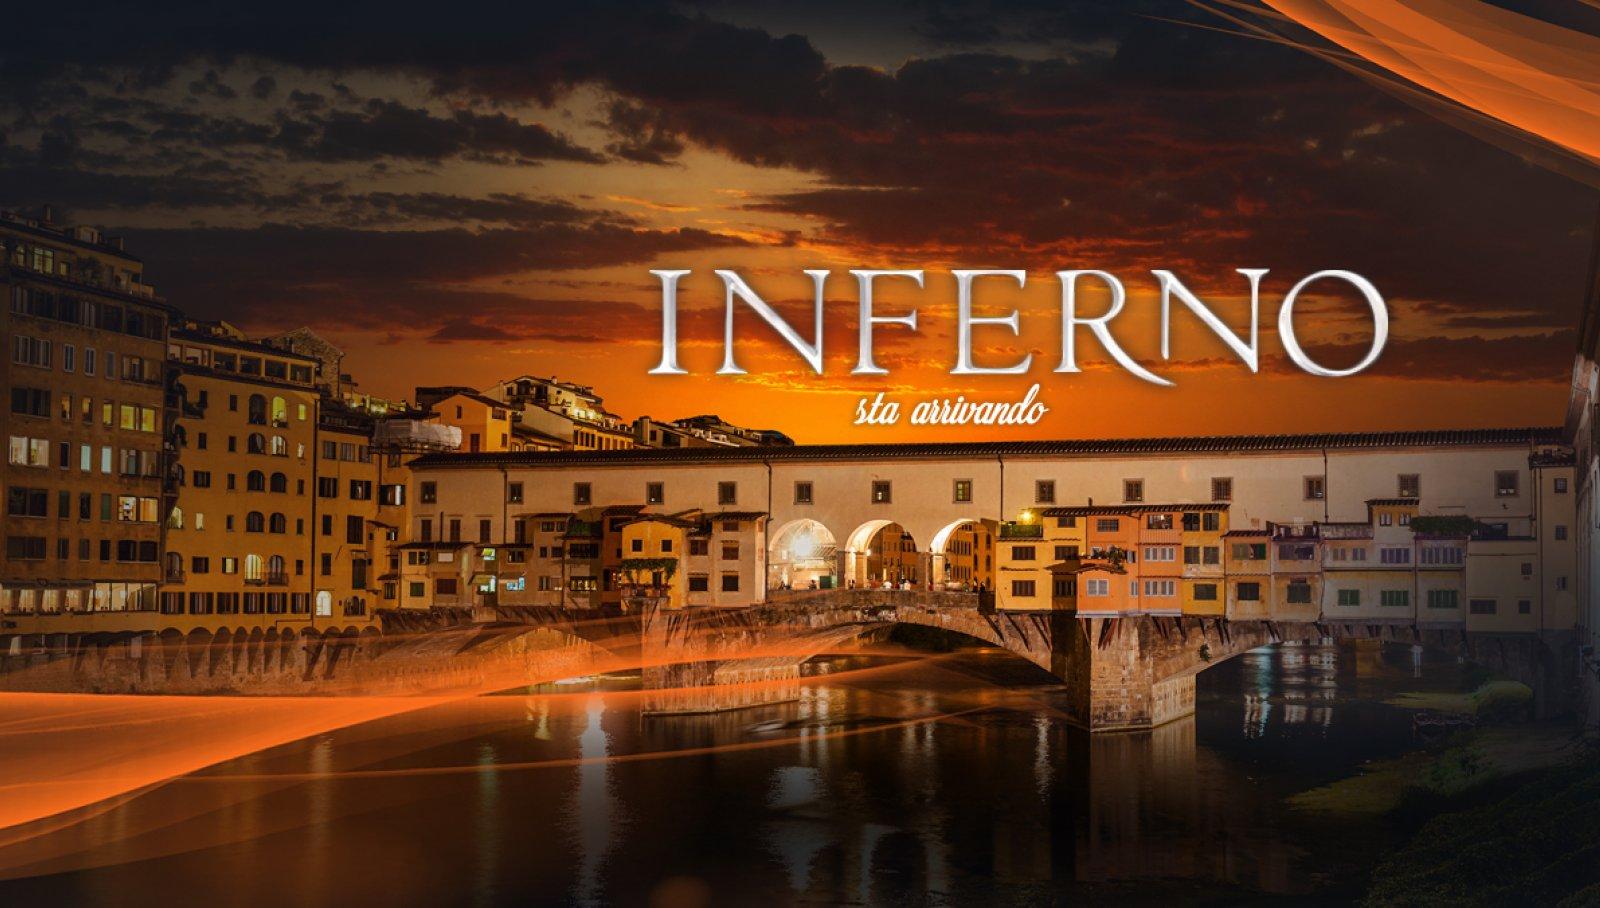 IGPDecaux LIVE comunicazione esterna per Inferno a Firenze